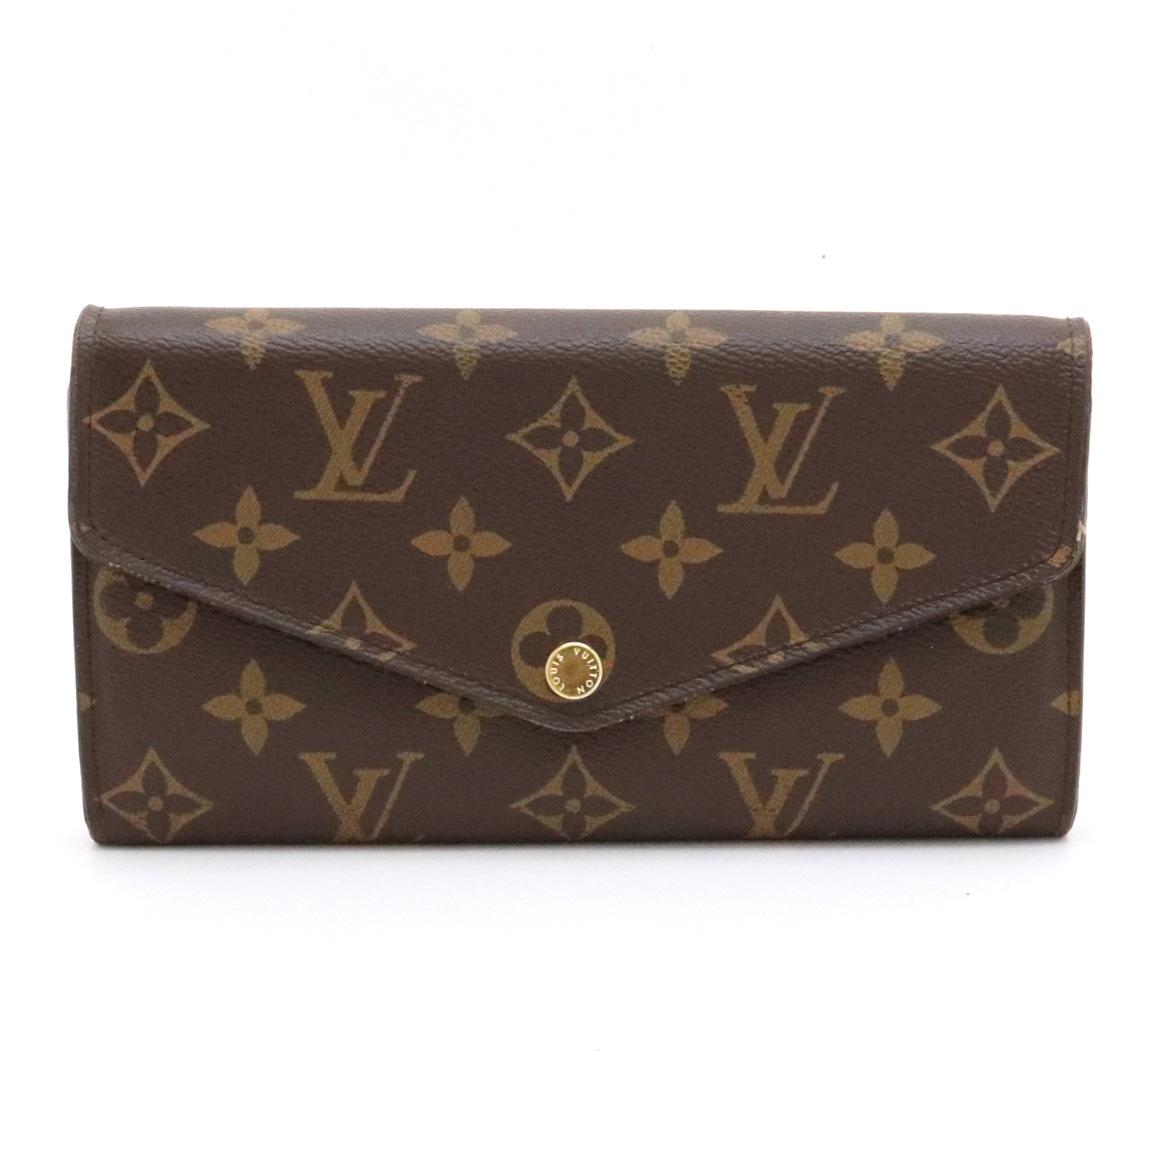 【財布】LOUIS VUITTON ルイ ヴィトン モノグラム ポルトフォイユ サラ 2つ折 二つ折 ファスナー長財布 M60531 【中古】